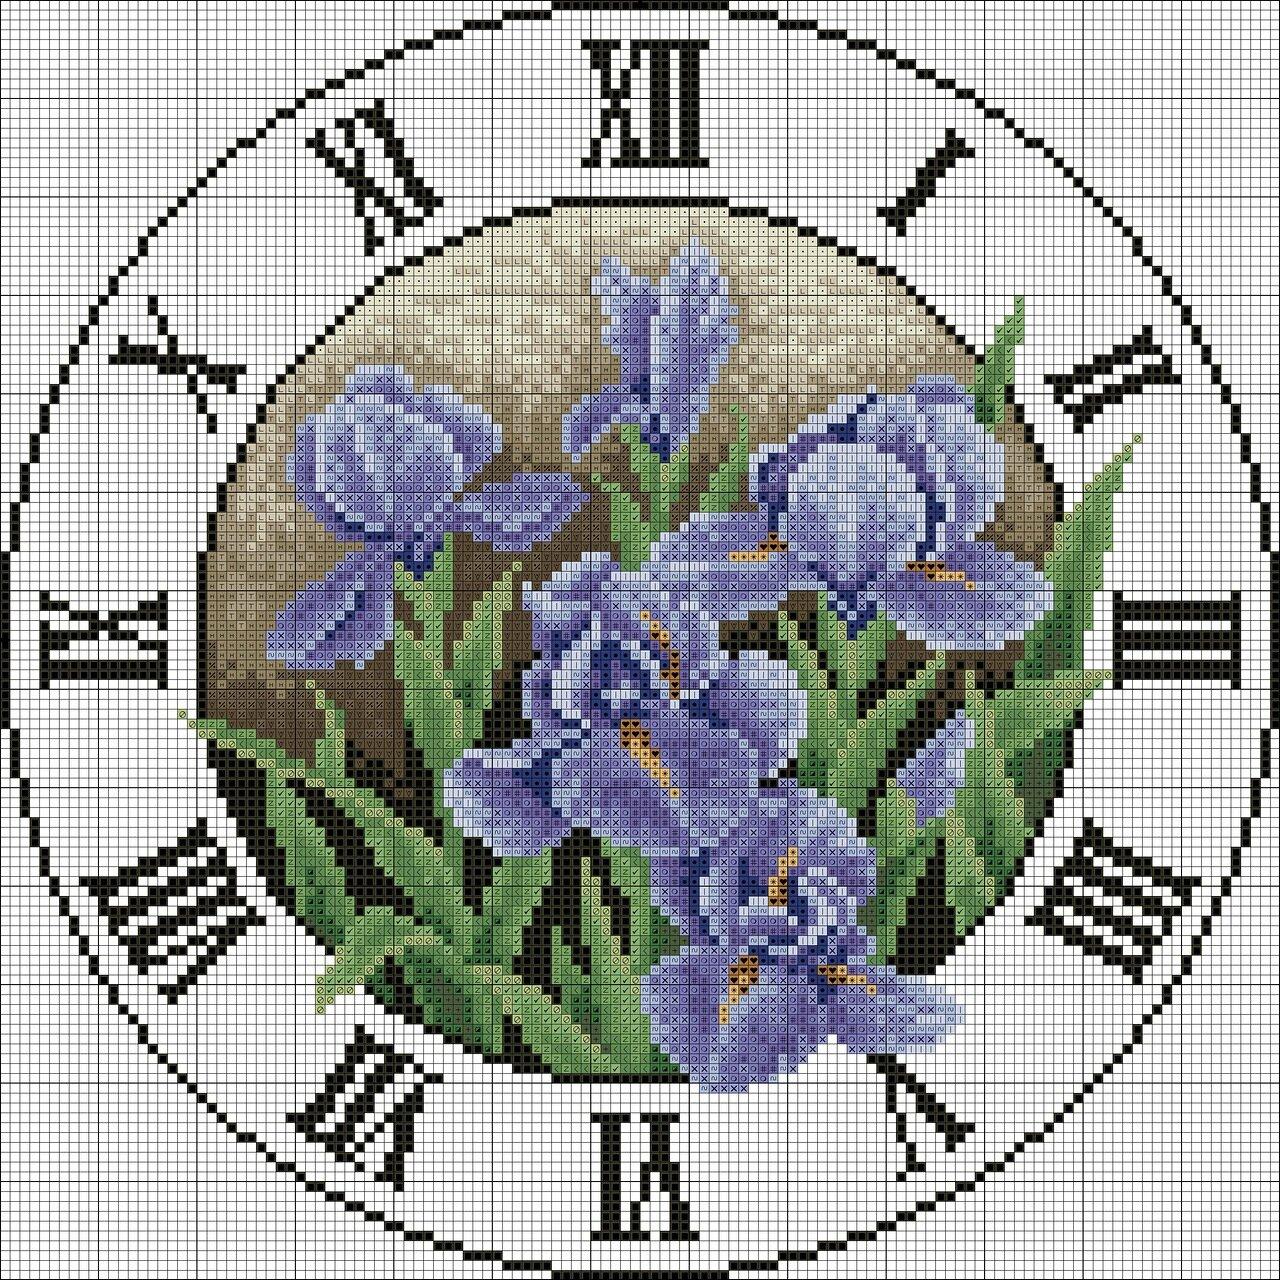 часы схема вышивка крестом